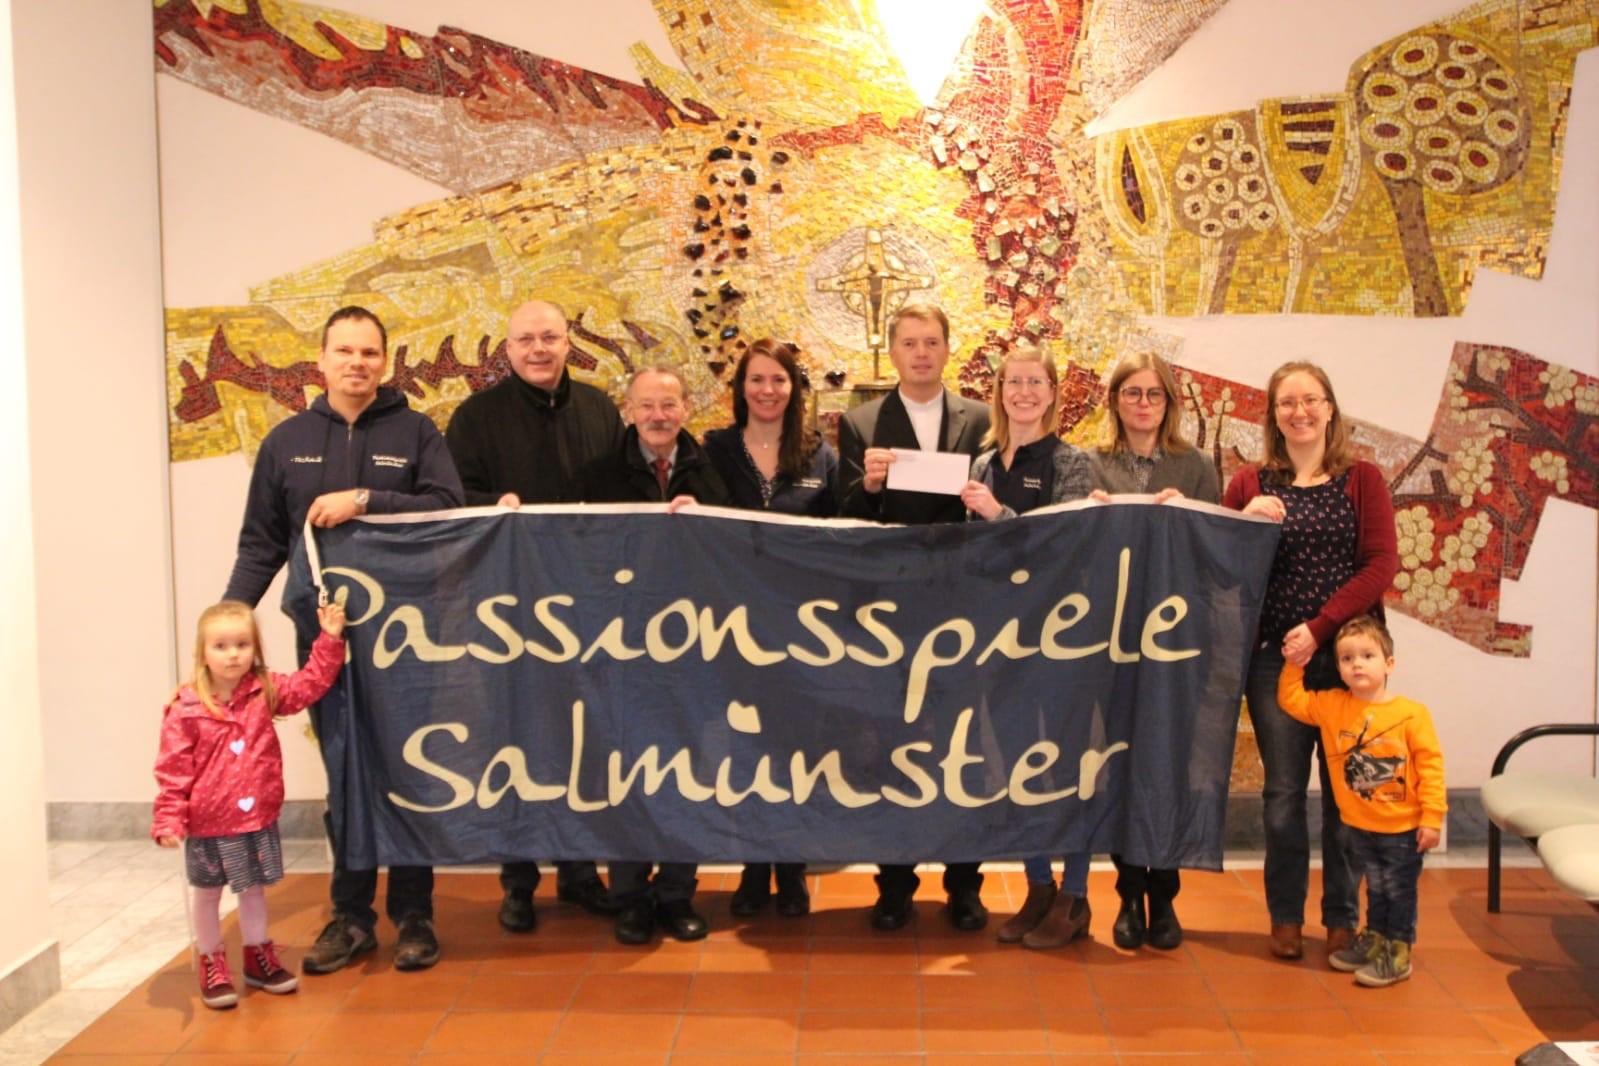 Passionsspiele Salmünster überreicht Spende an Pfarrgemeinde